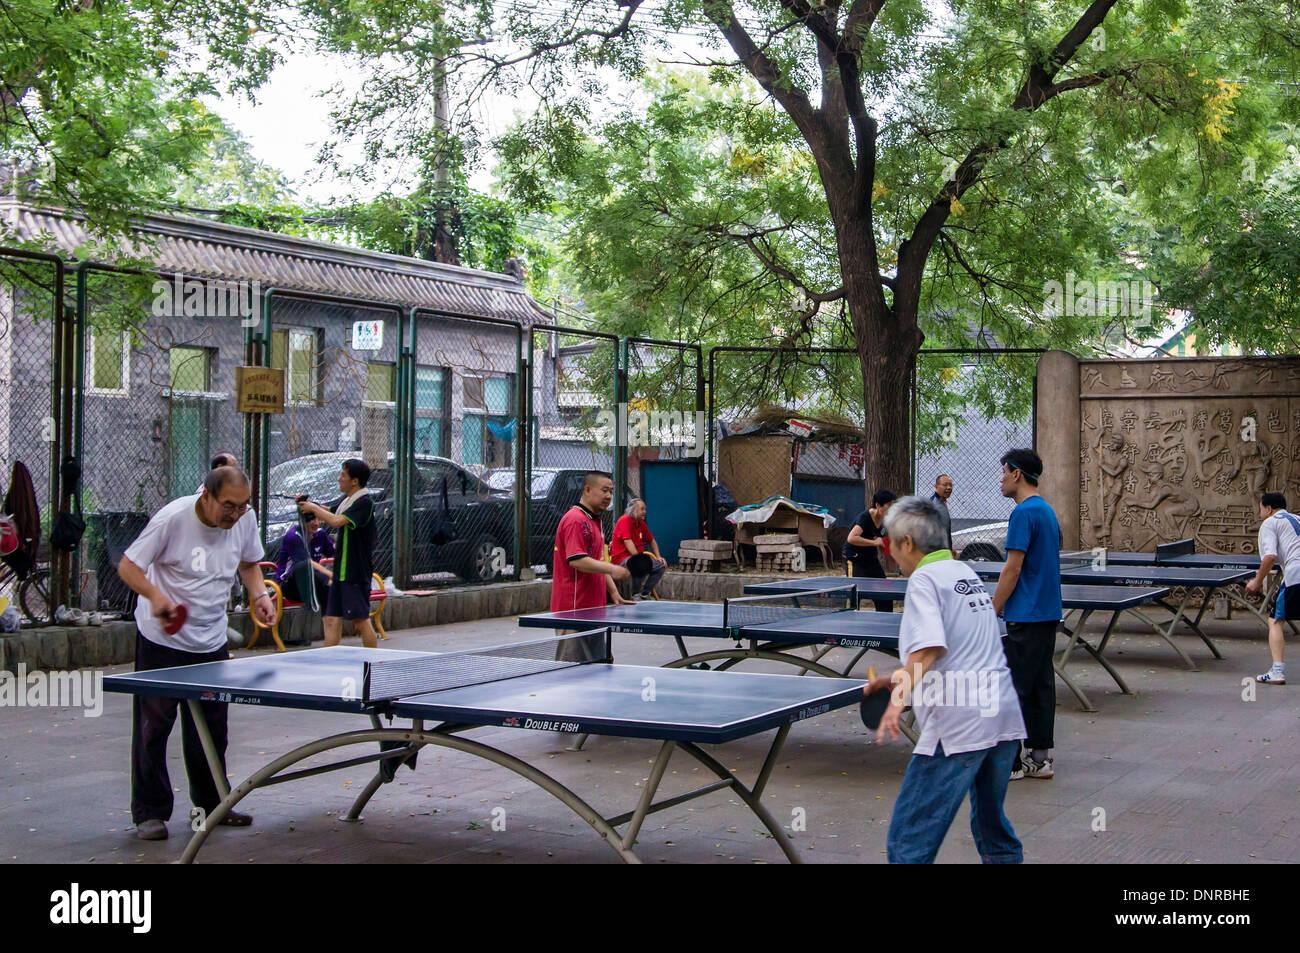 Personas jugando al tenis de mesa en un parque, Pekín, China Imagen De Stock